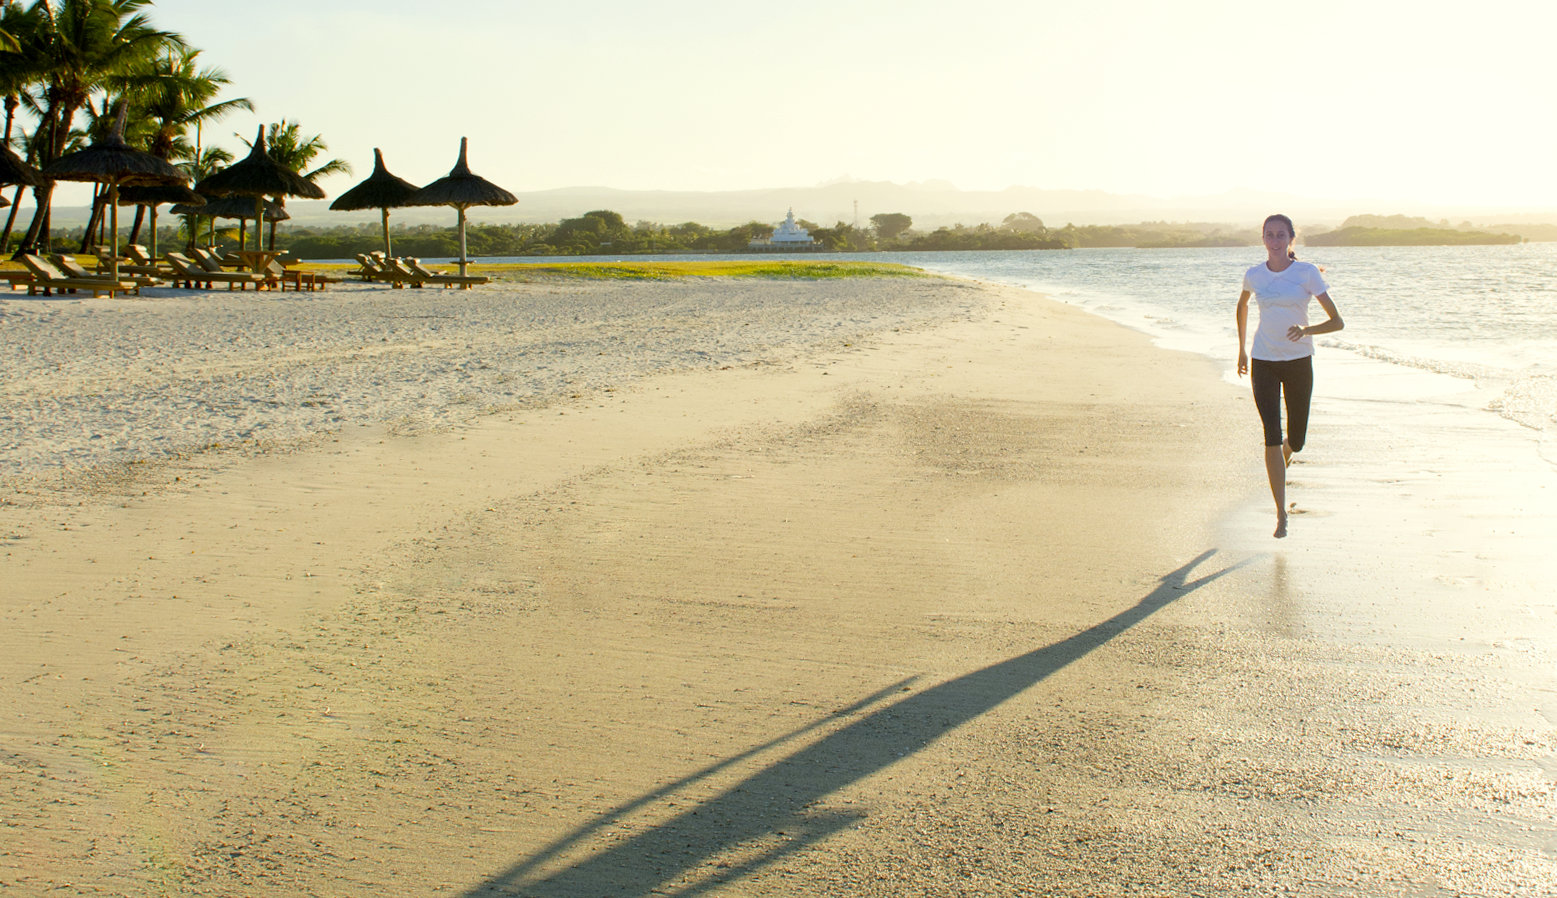 mauritius-beach-jogging